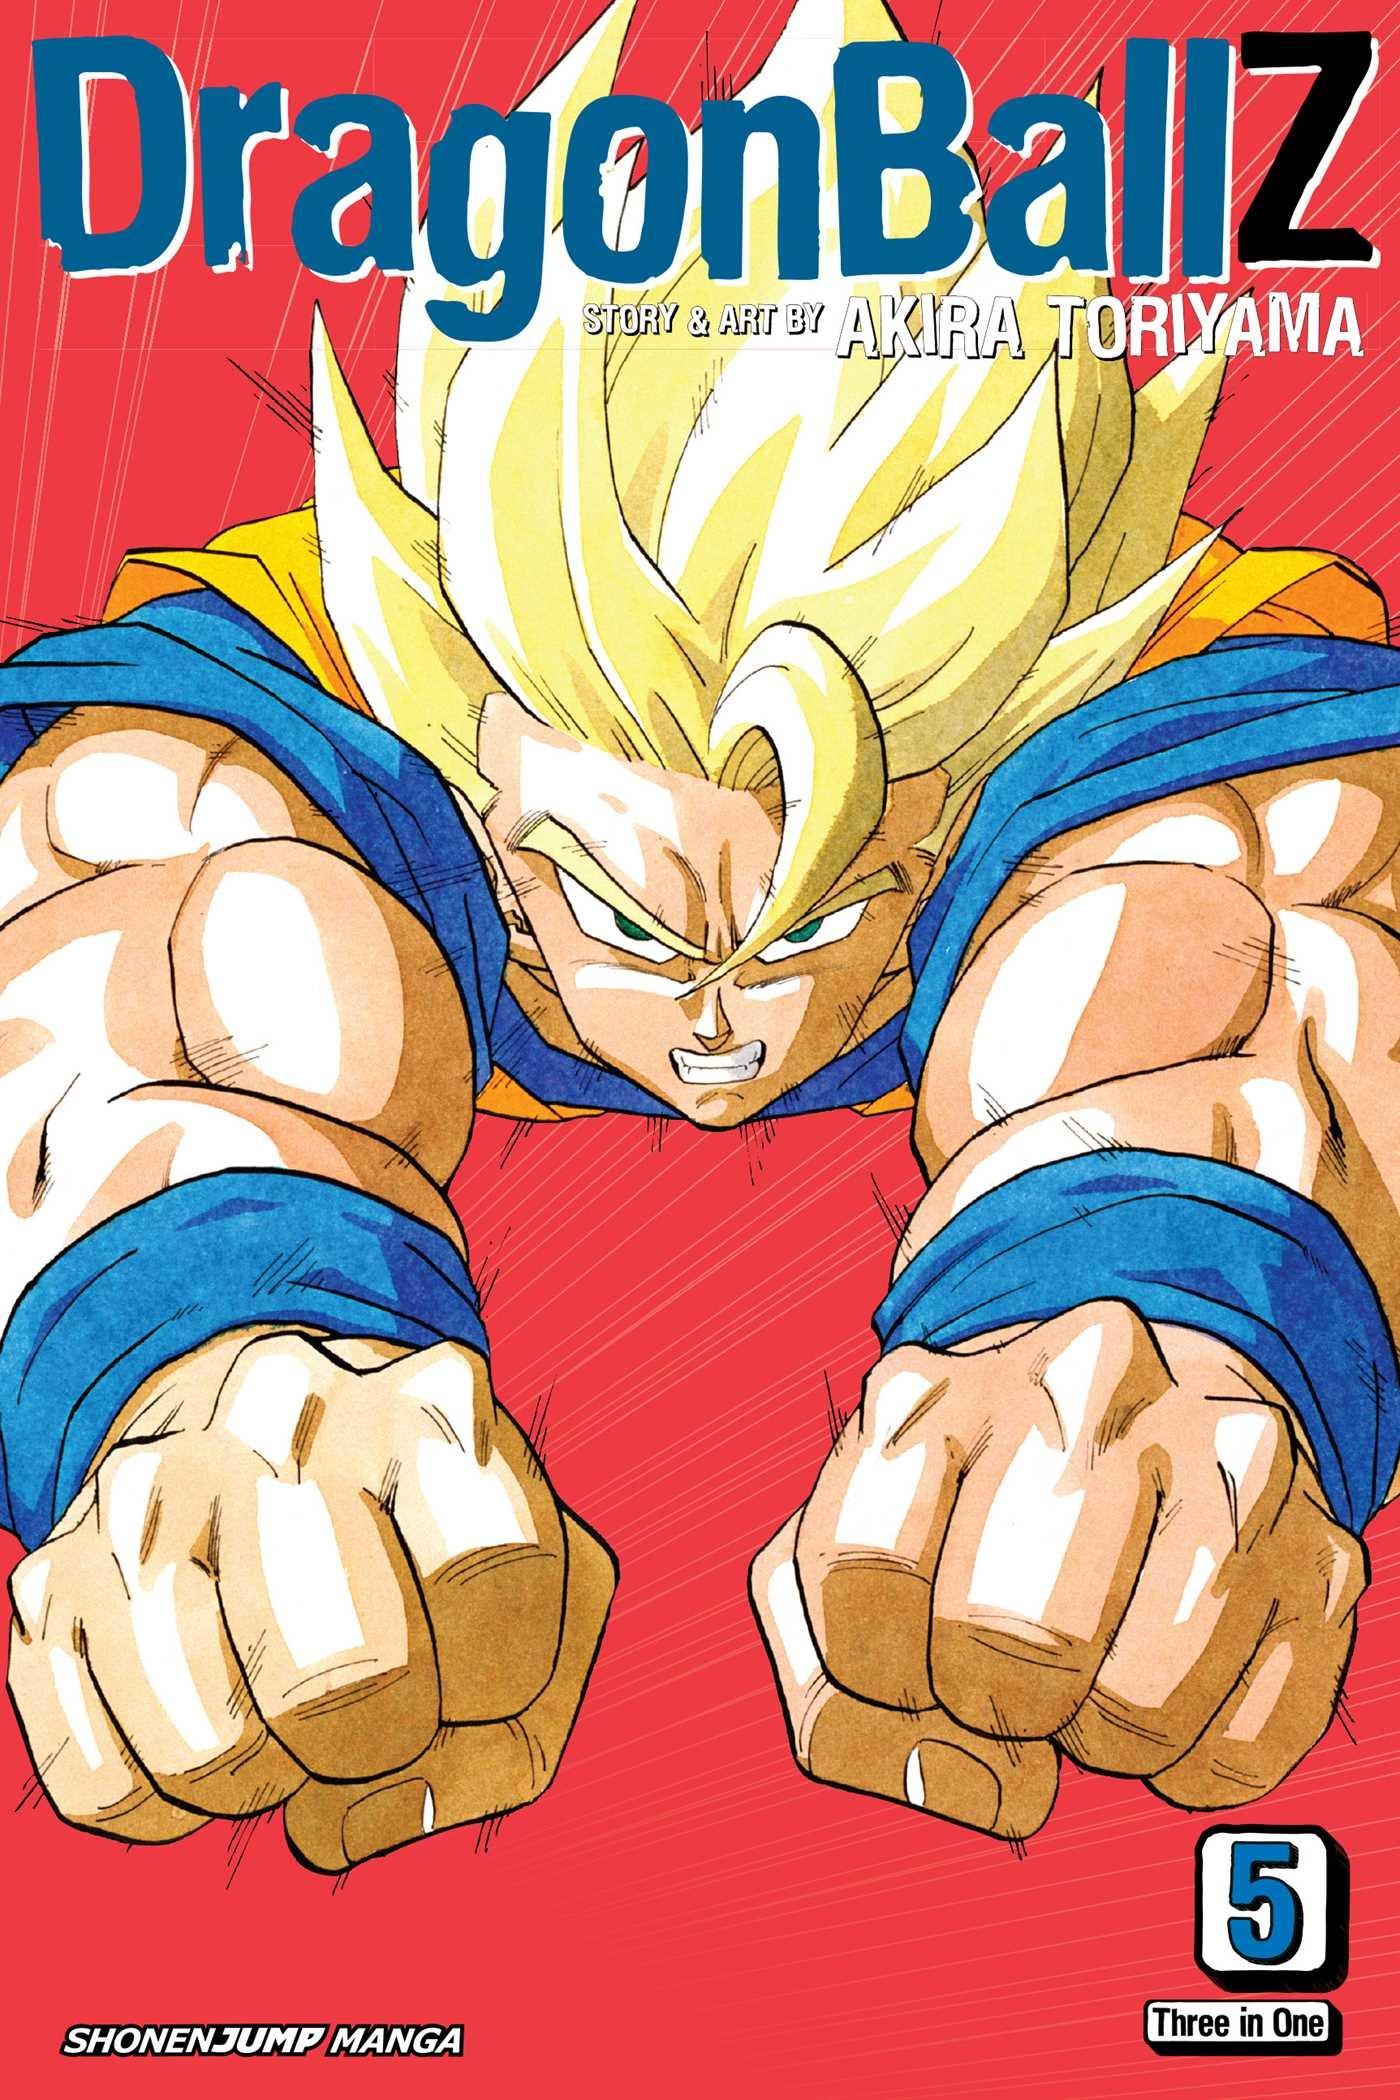 Dragon Ball Z Manga Omnibus 5 (Vols 13-15) 9781421520681